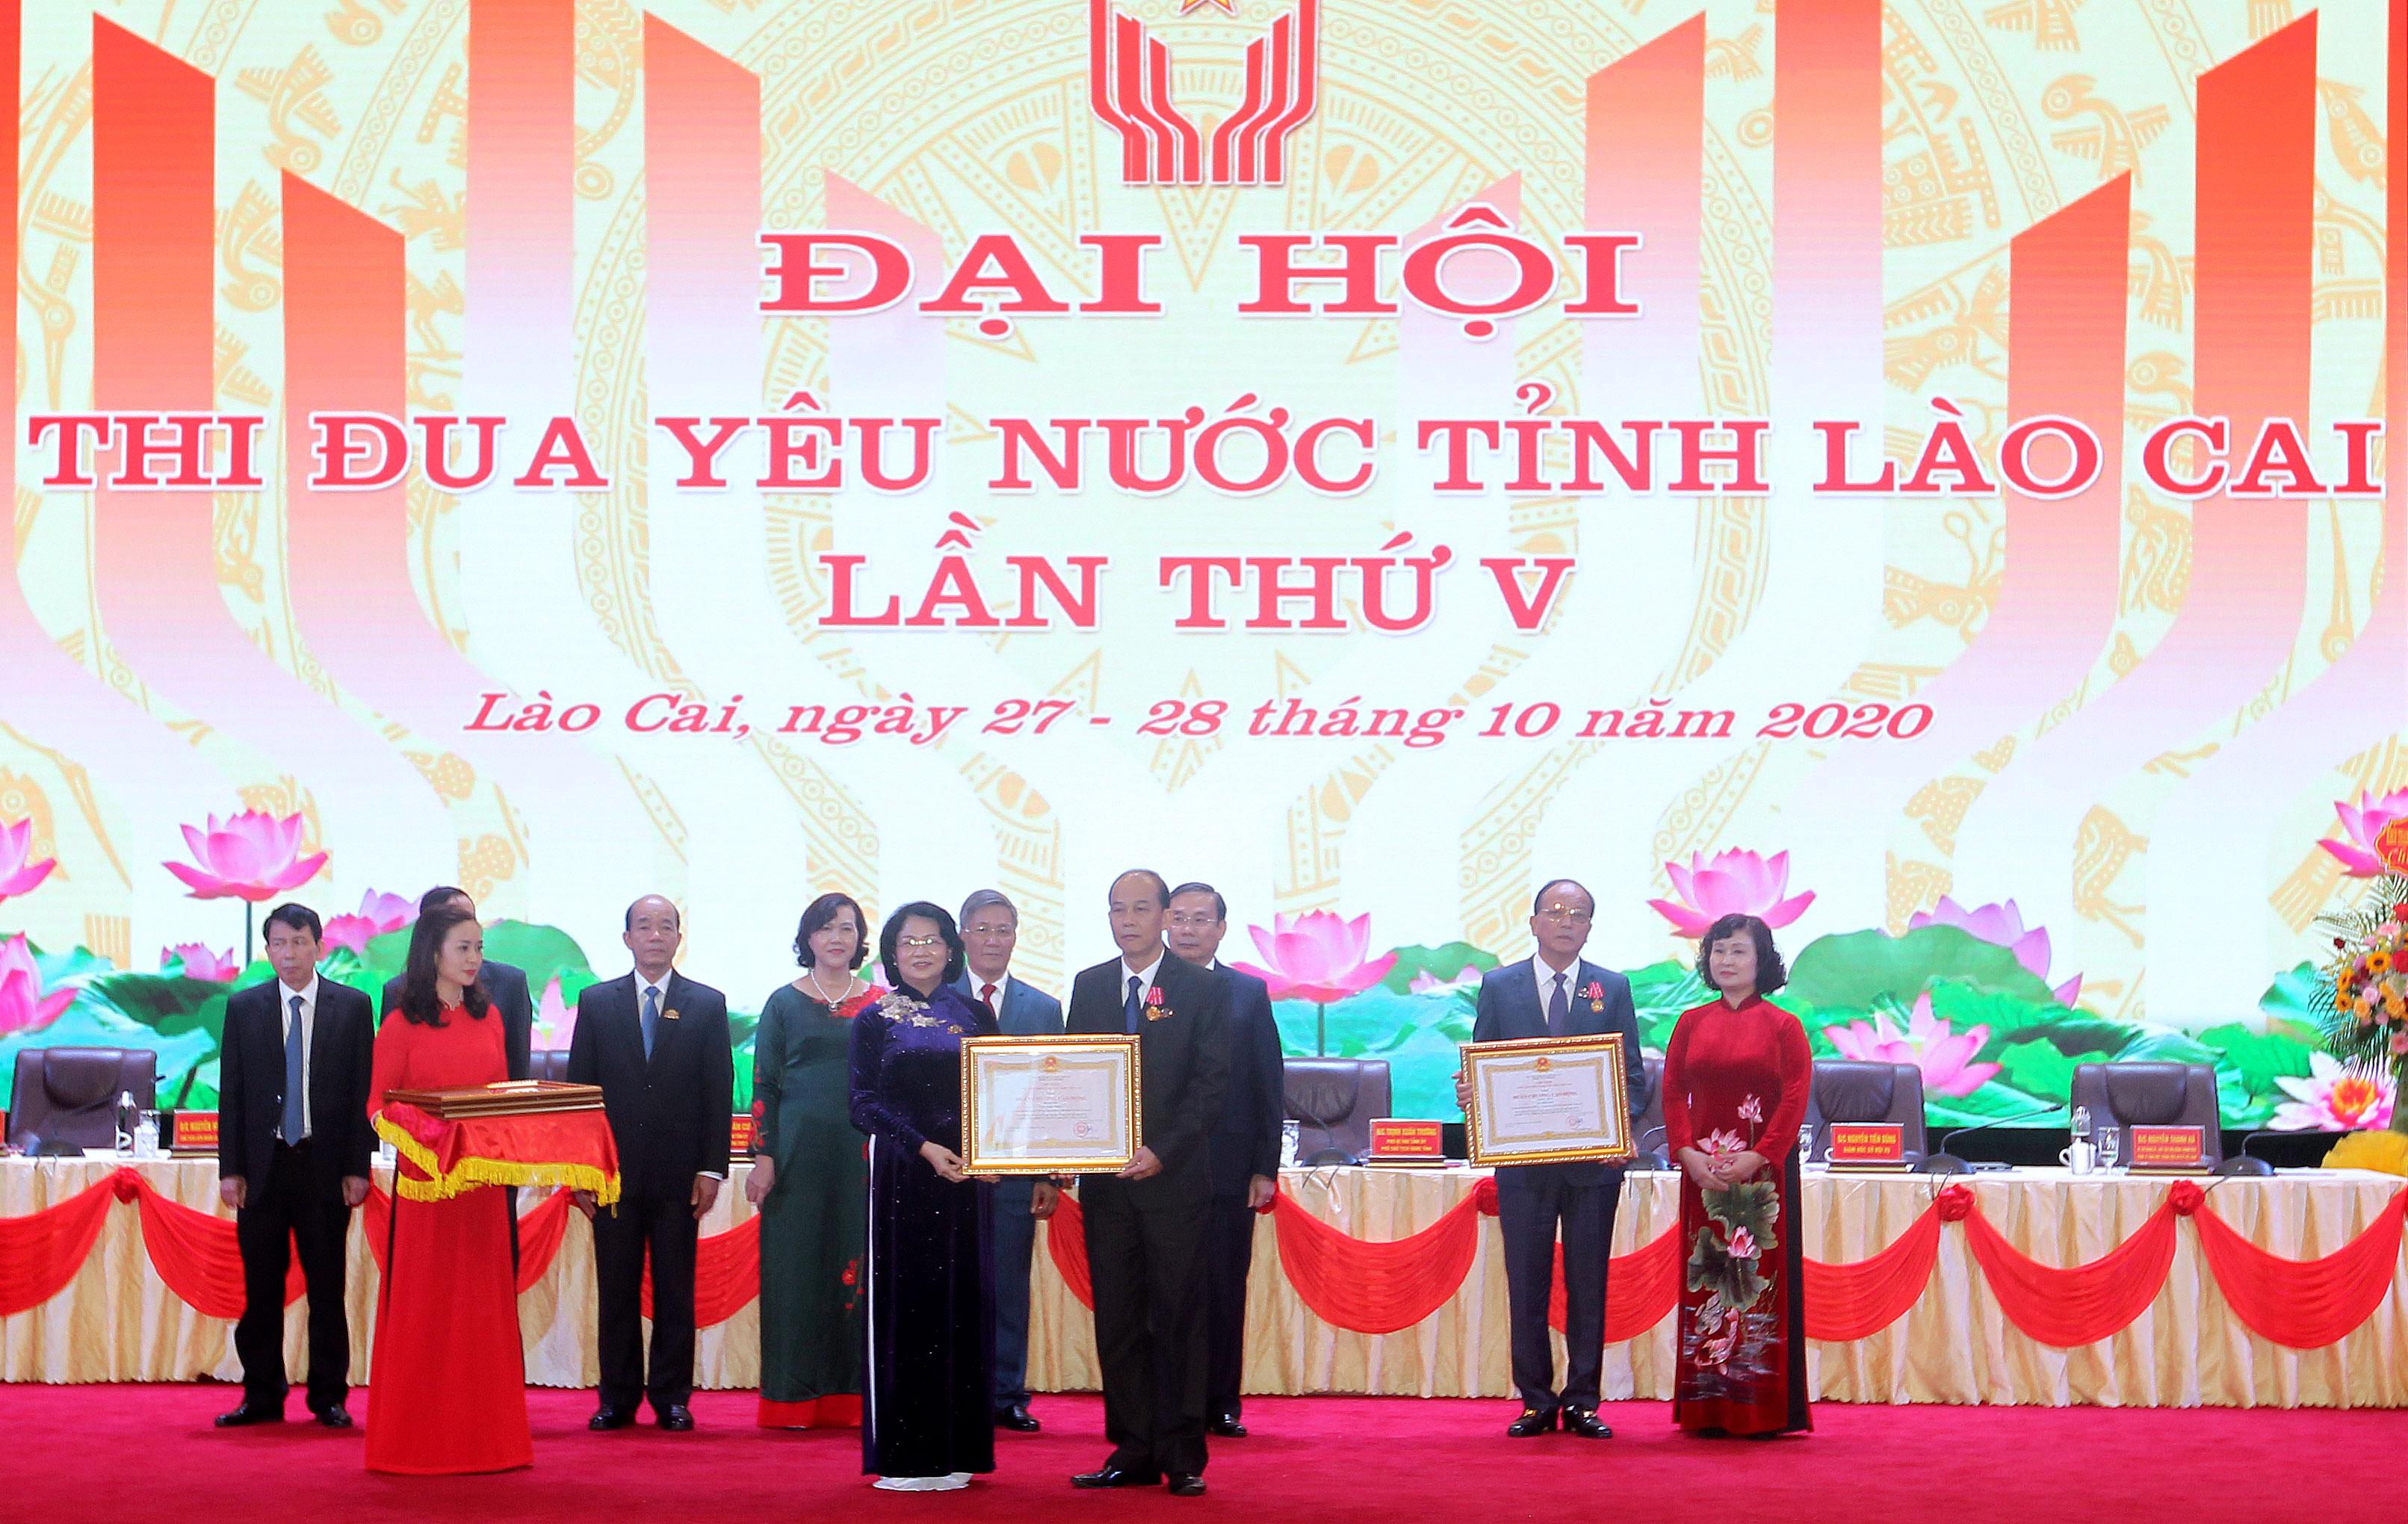 Phó Chủ tịch nước Đặng Thị Ngọc Thịnh trao tặng Huân chương Lao động cho các tập thể, cá nhân tiêu biểu